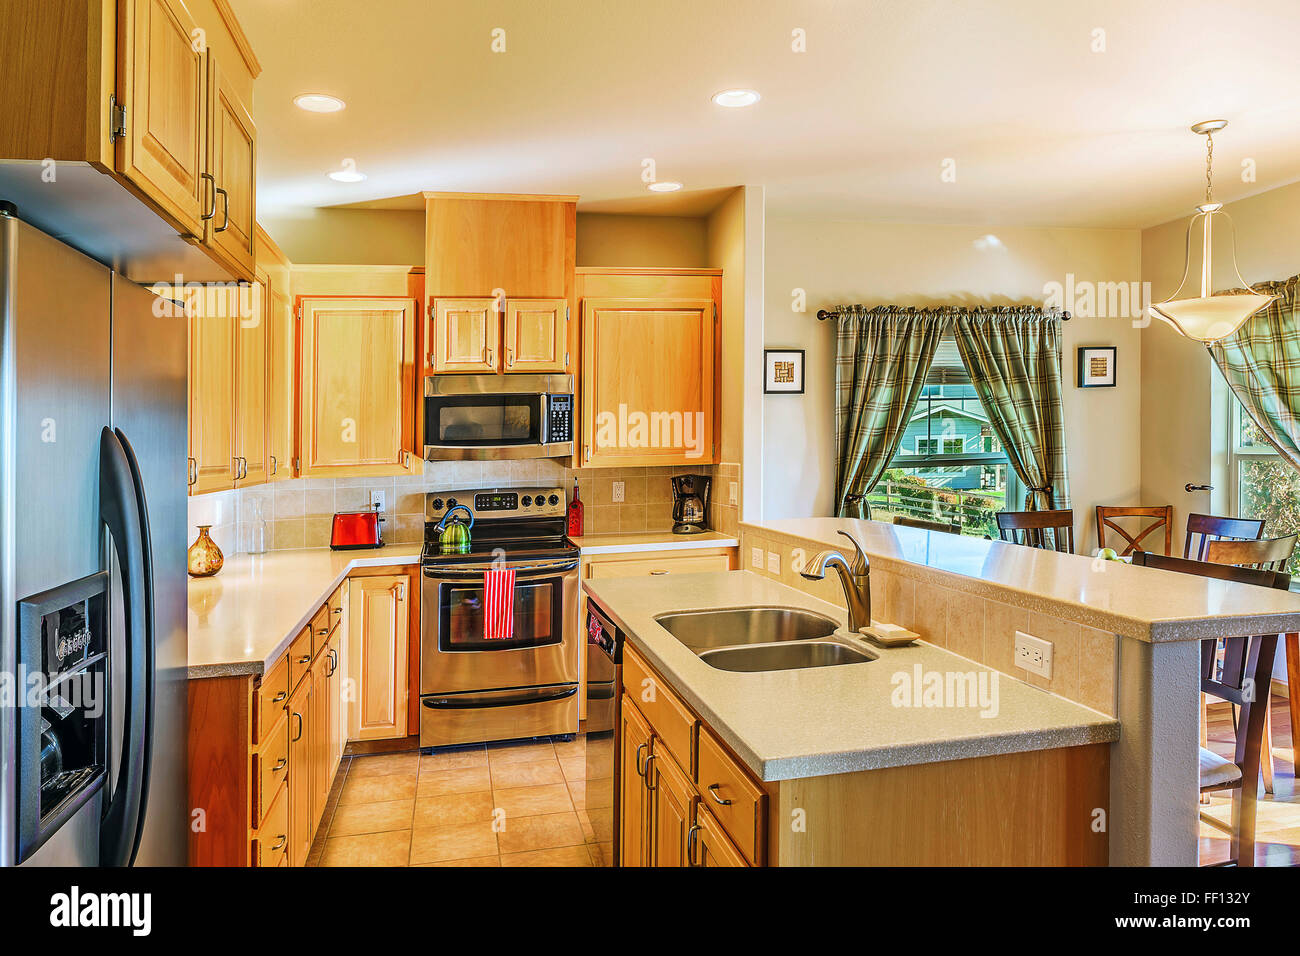 S Küche Stockfotos & S Küche Bilder - Alamy